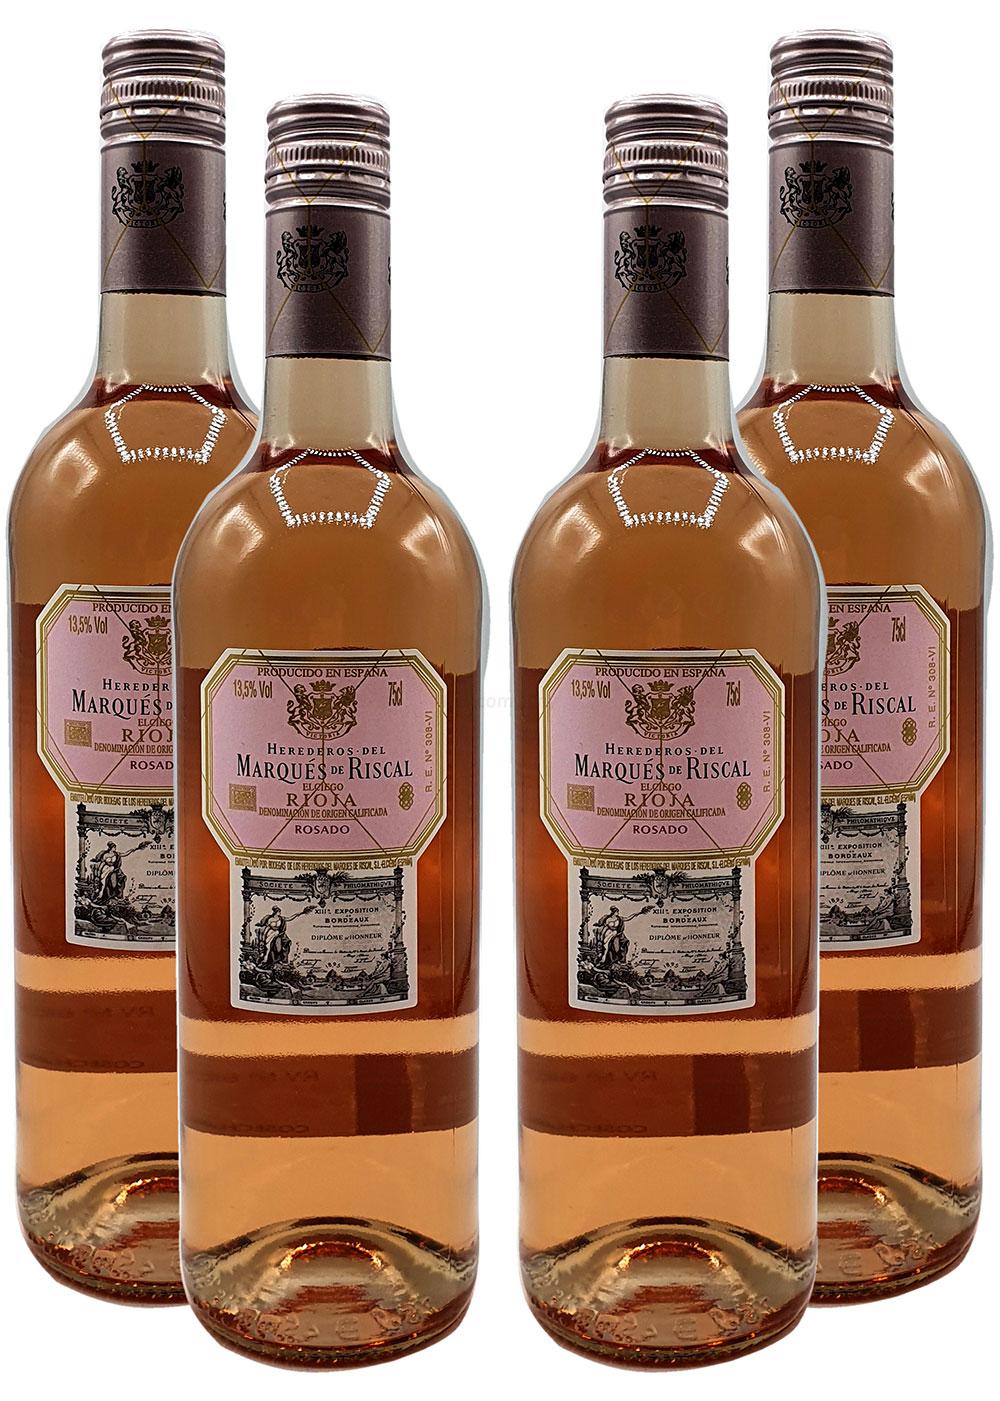 Rose Wein Set - 4x Marques de Riscal Rioja Rosado 750ml (13,5% Vol)- [Enthält Sulfite]